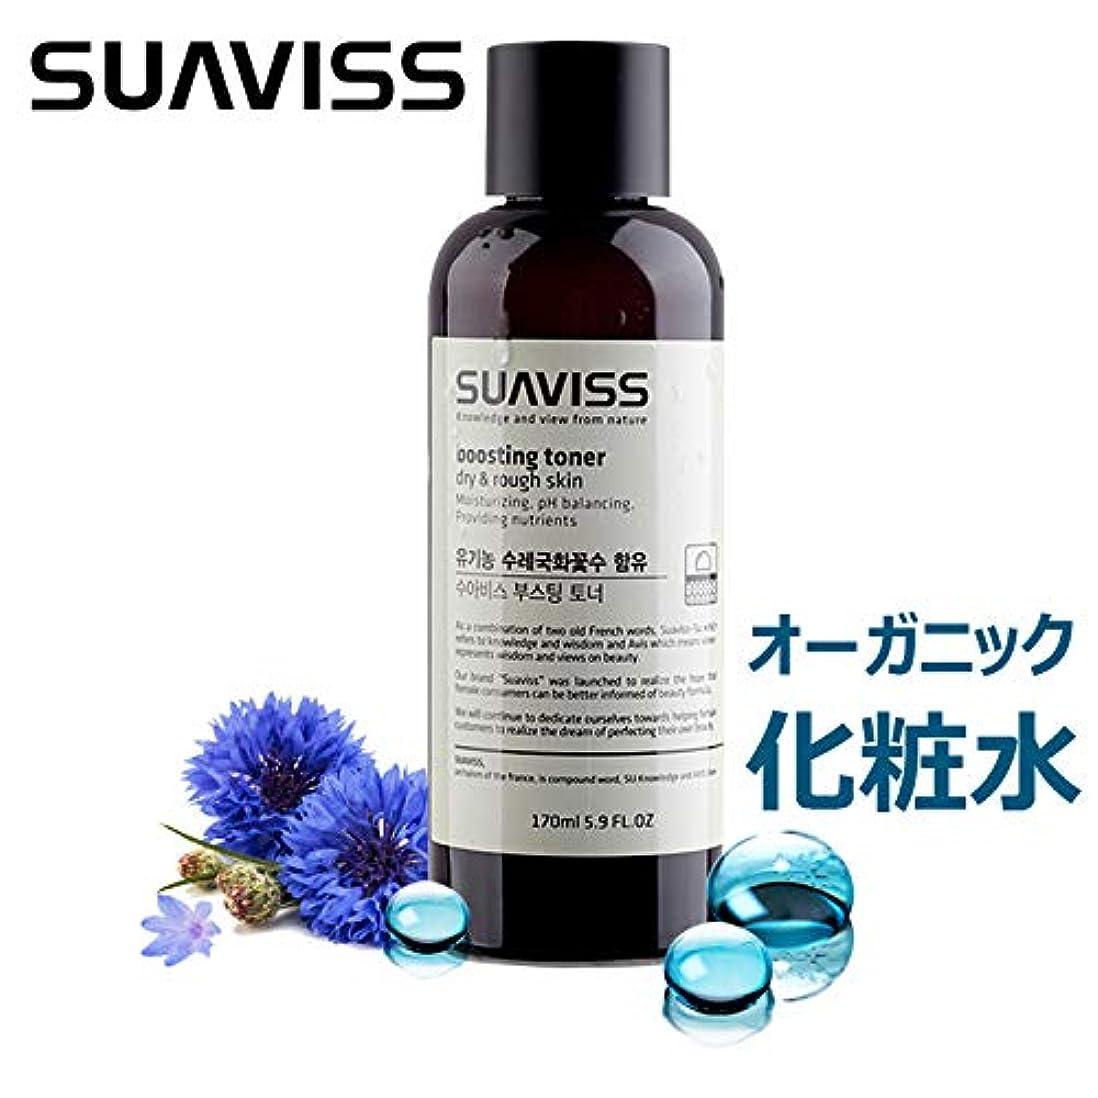 スアビス/ブースティング/化粧水 水分 供給 栄養 供給 オーガニック 化粧品 韓国コスメ 乾燥肌用